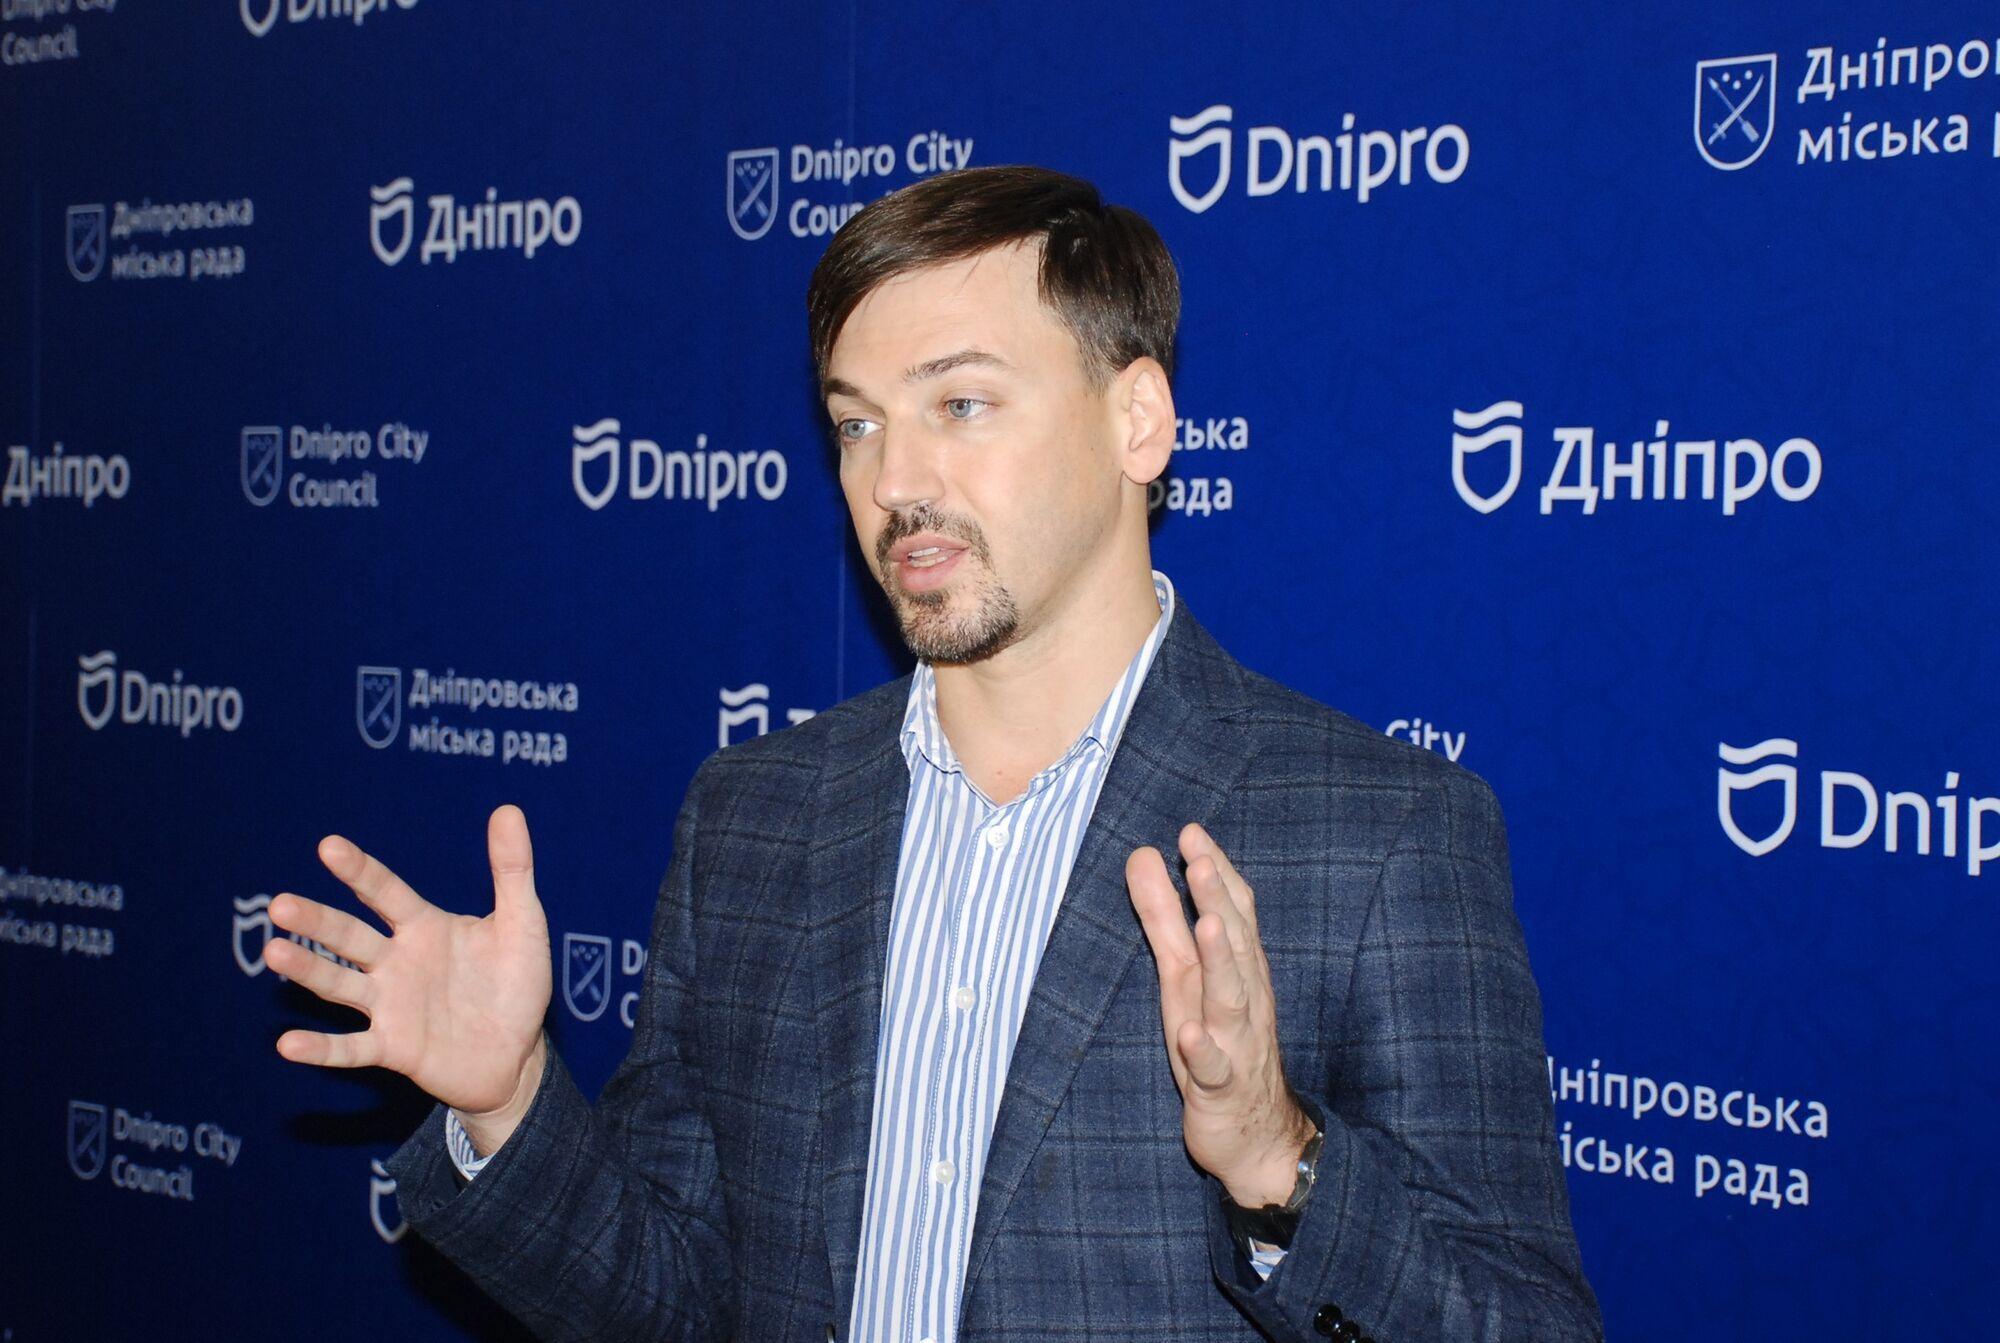 Артем Хмельников рассказал о подписании договора